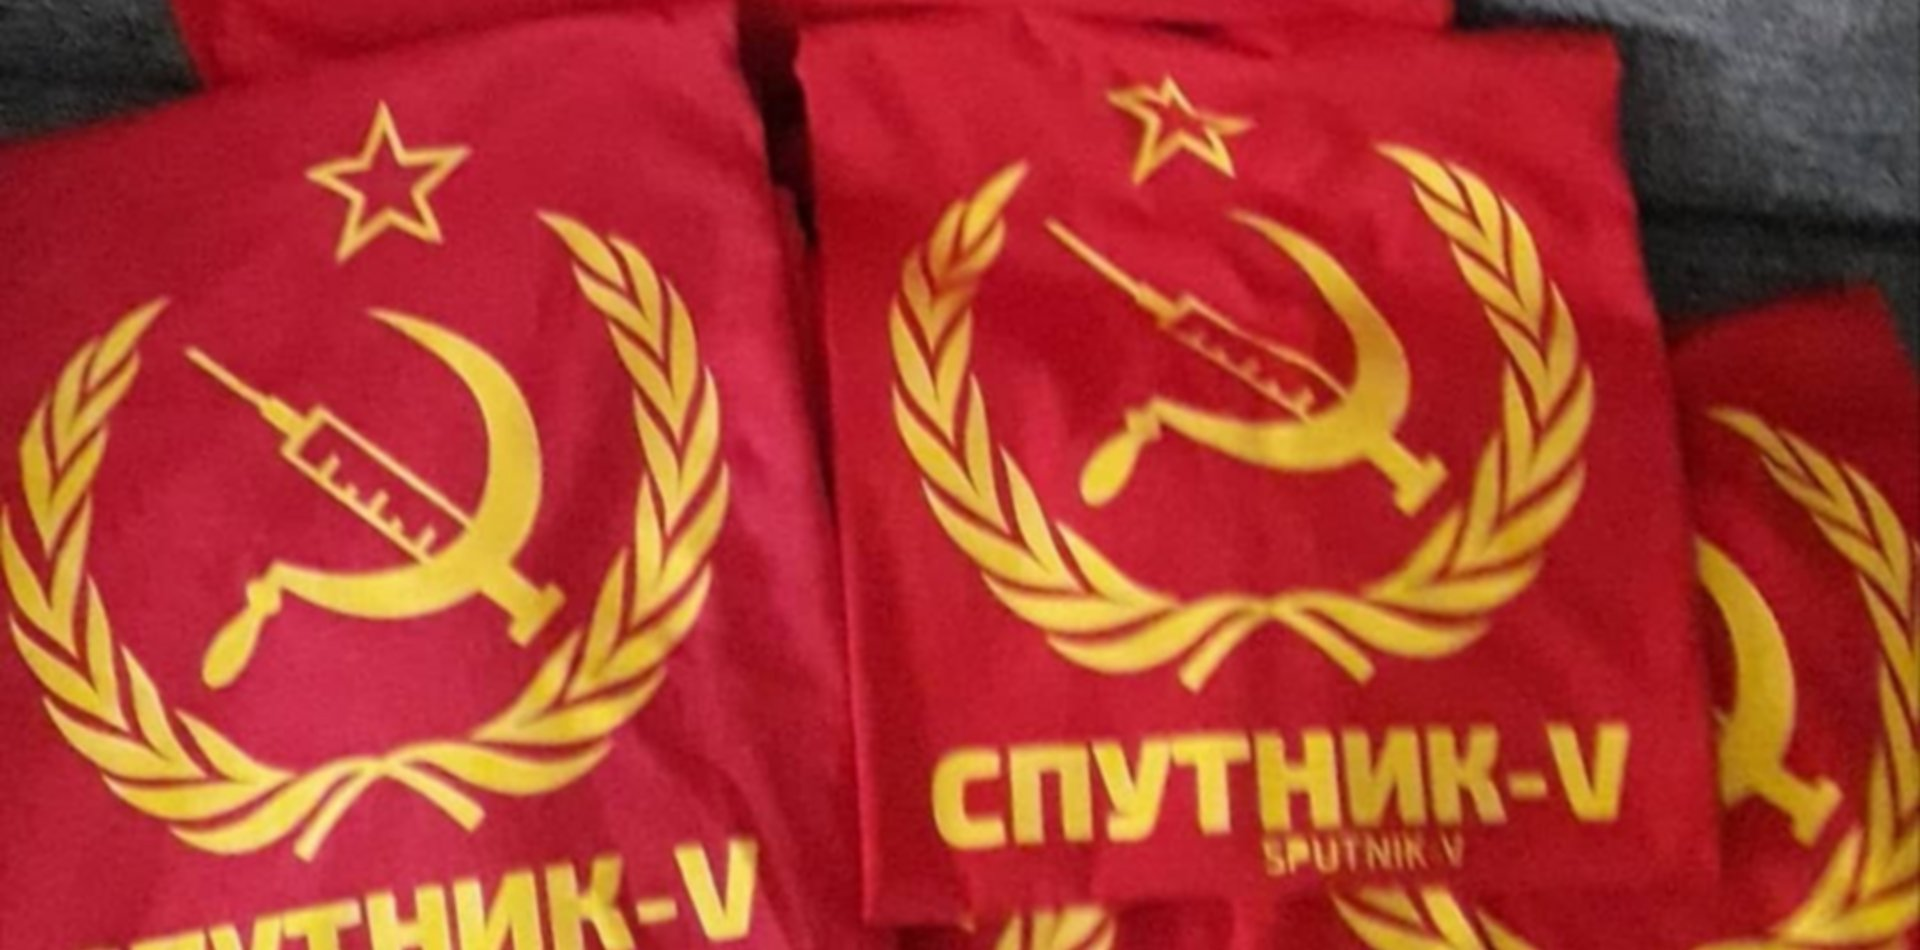 """""""Fue una burla frente a lo tragicómico"""", la historia detrás de la remera de la Sputnik V"""